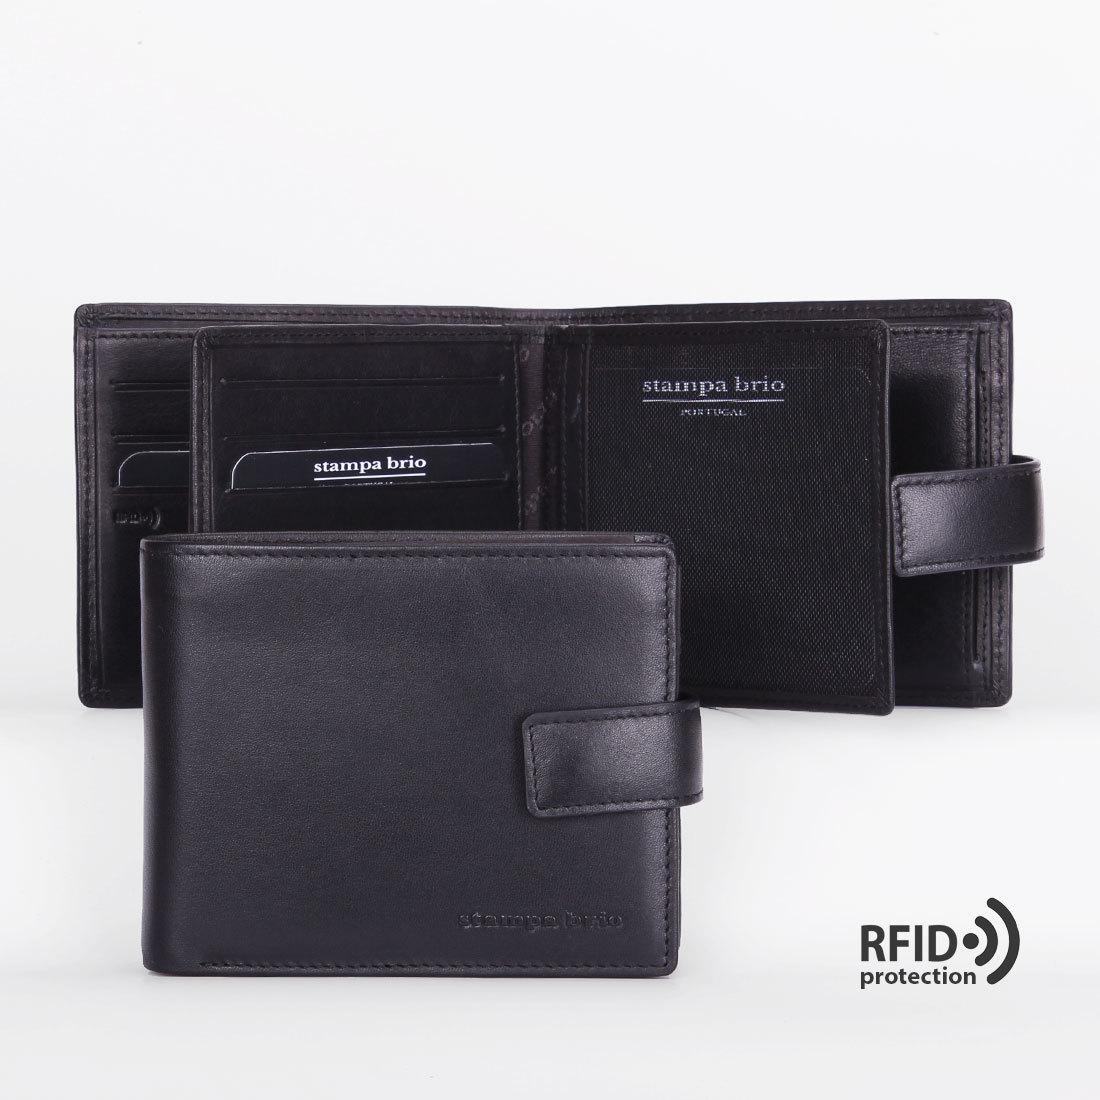 664 R - Портмоне с RFID защитой